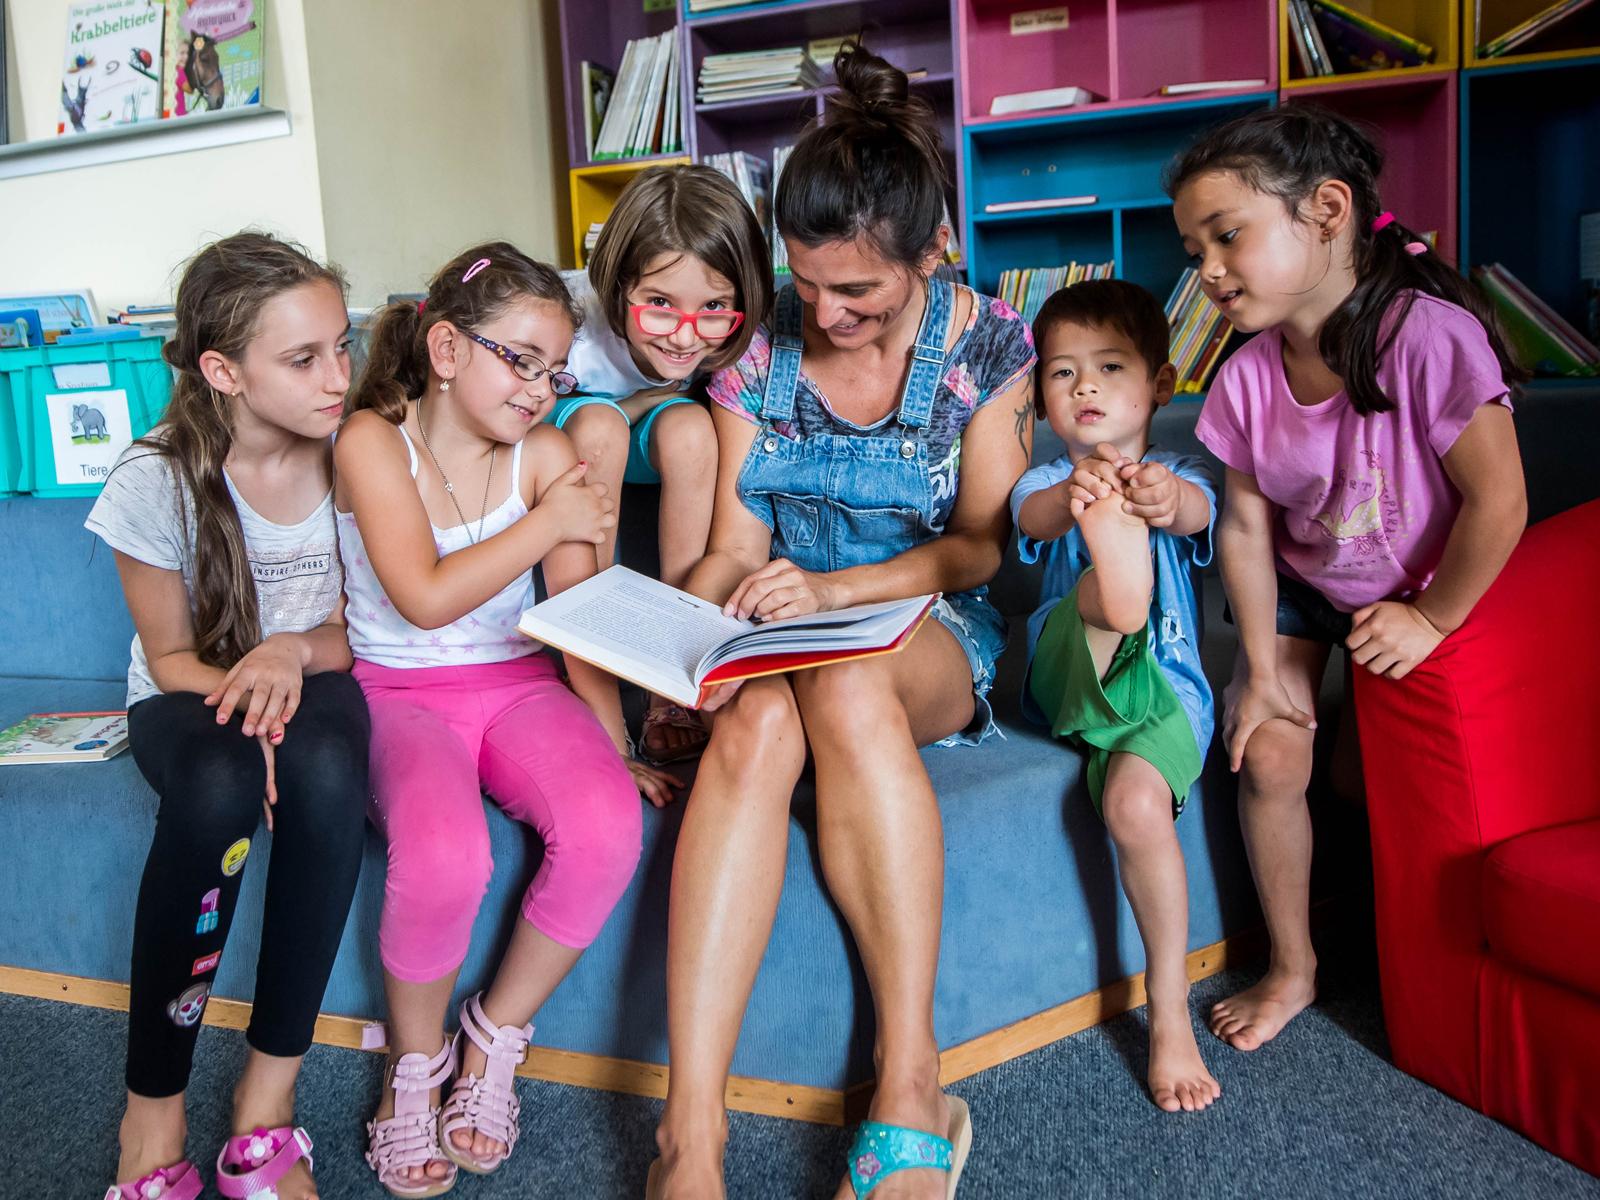 Beim Geschichtenschloss ist die Vorlesepatin von Kindern umringt, die ihren Worten interessiert lauschen